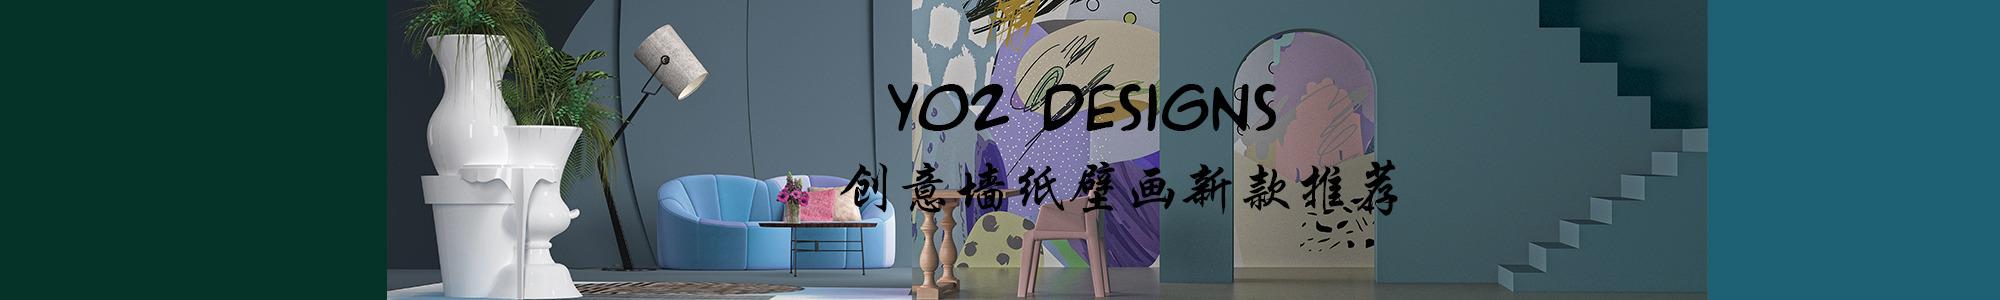 Yo2 Designs 创意墙纸壁画新款